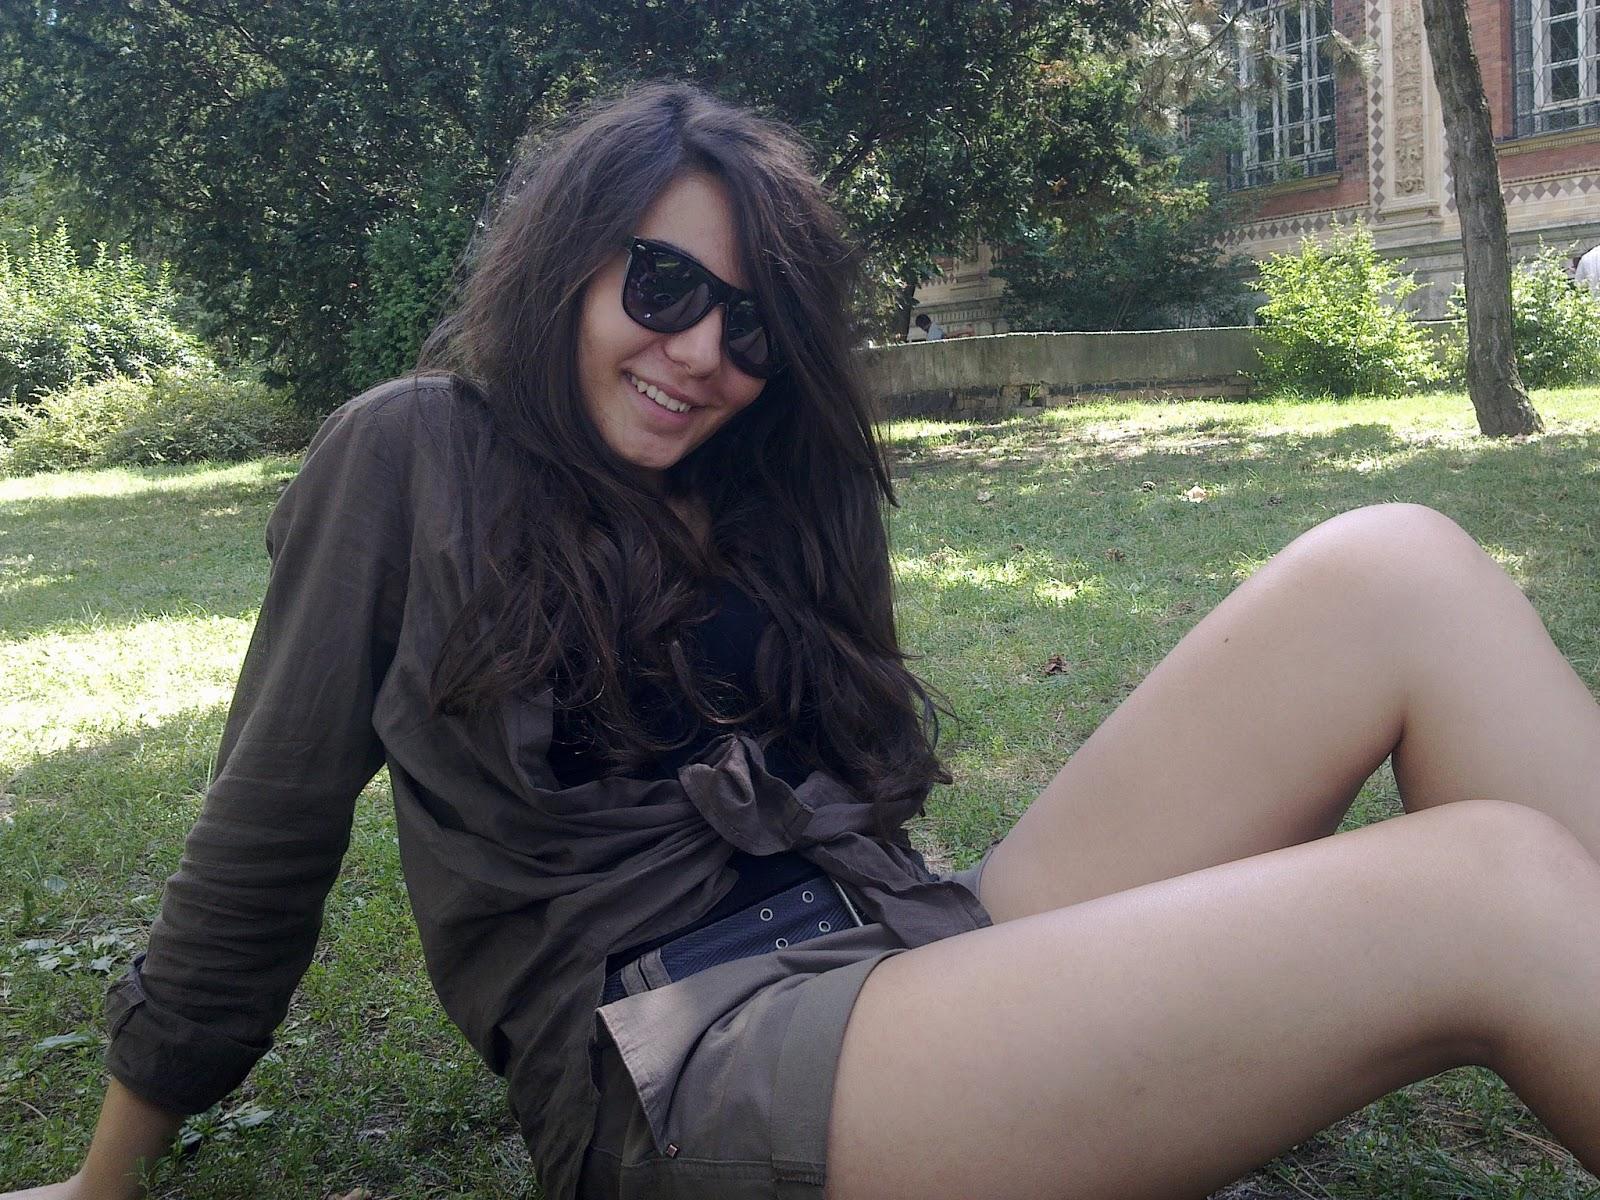 Türk Türbanlı konulu porno  Hd İzle Pornolari  Bedava